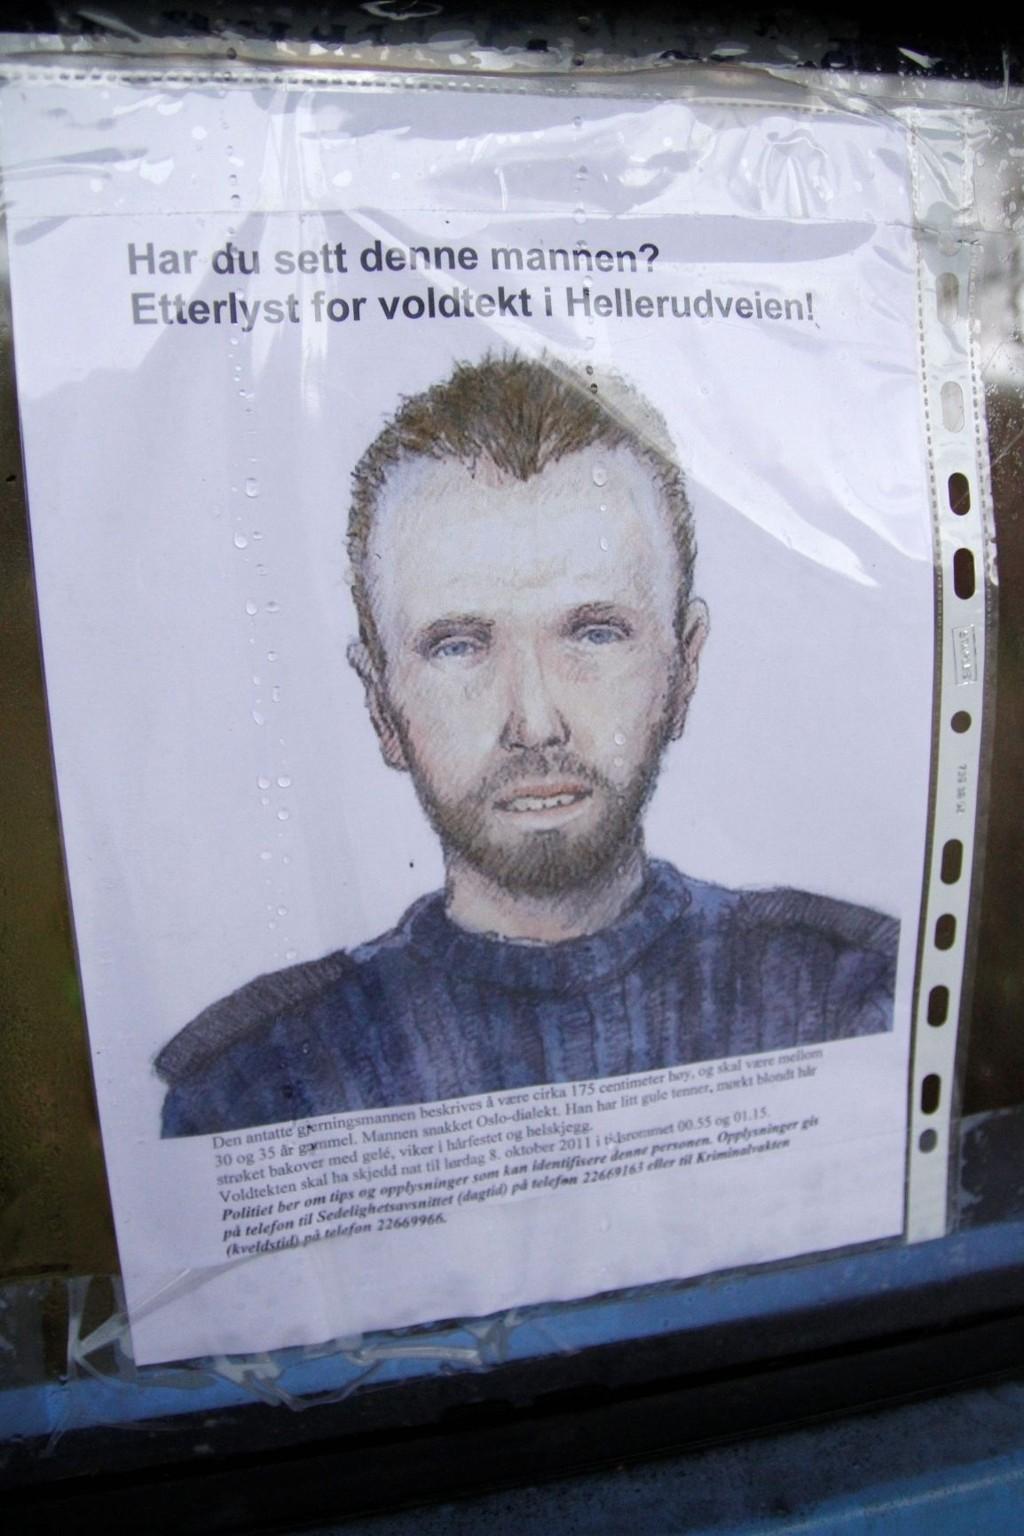 ETTERLYST: Denne mannen er etterlyst, blant annet med oppslag i busskur, i forbindelse med voldtekten på Trasop 8. oktober. FOTO: ØYSTEIN DAHL JOHANSEN